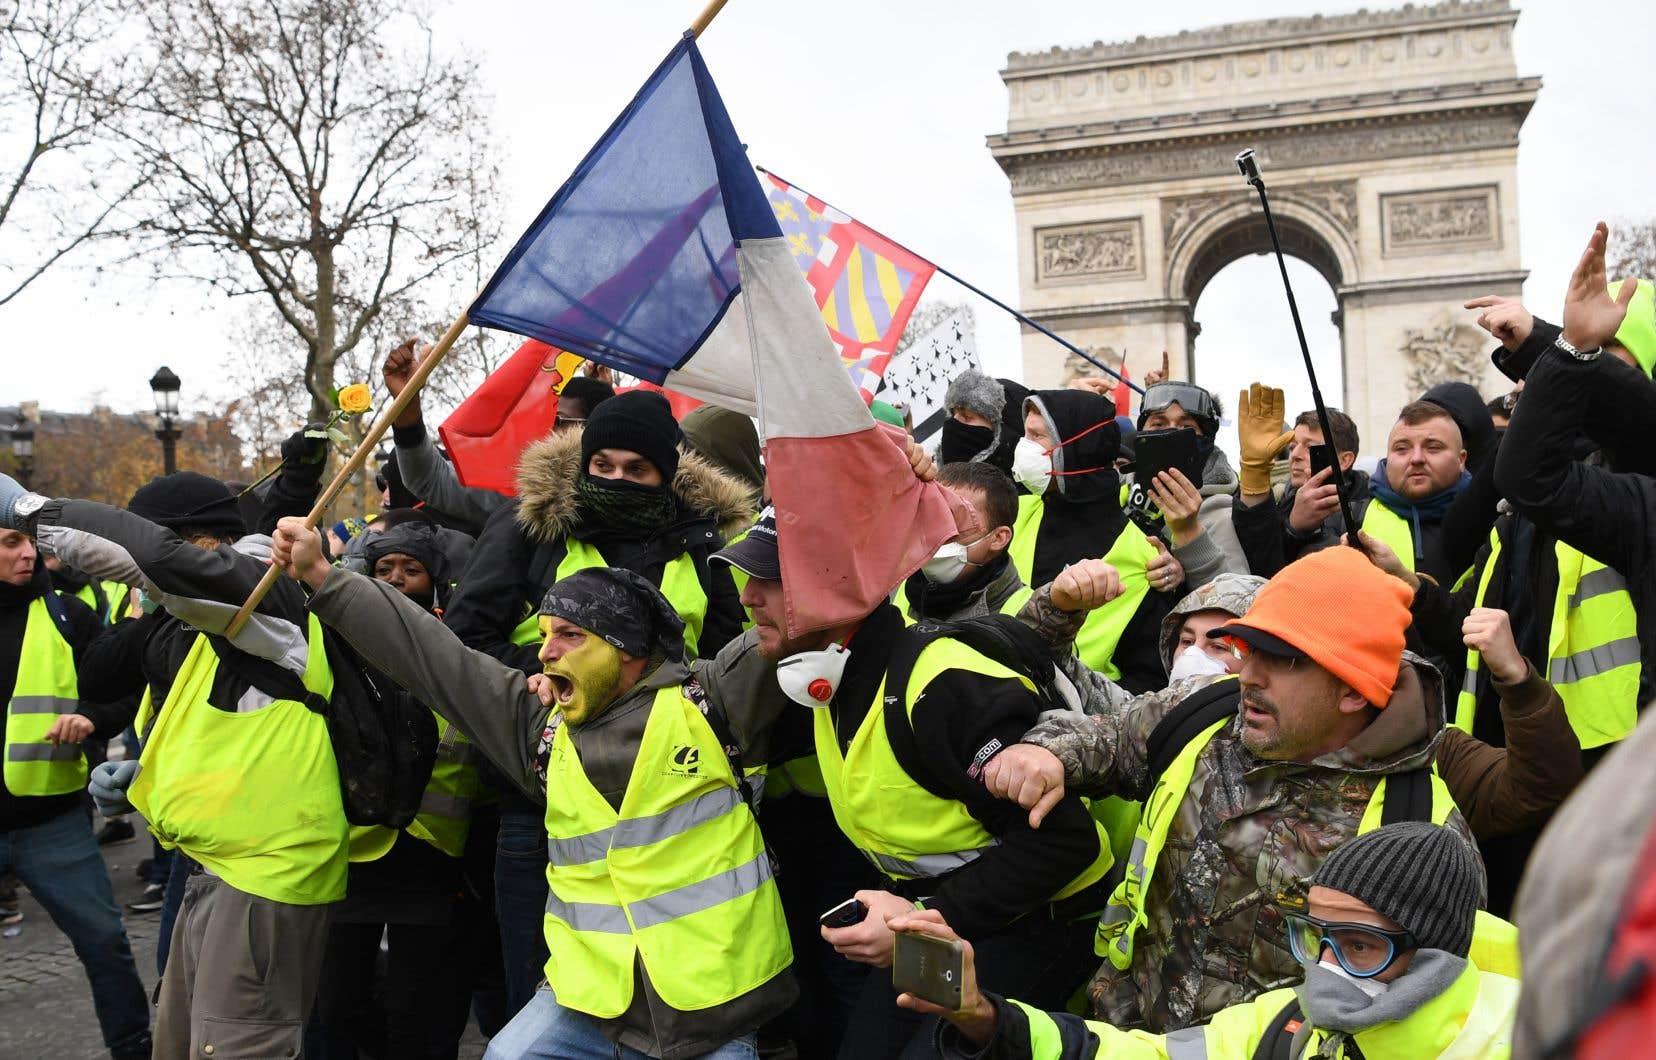 «Ainsi, les situations d'émeutes insurrectionnelles, qui ont eu lieu dans le cadre des mobilisations des Gilets jaunes en France en 2018-2019 ou, plus récemment, au Chili, ont complètement pris de court le pouvoir», souligne l'auteur.